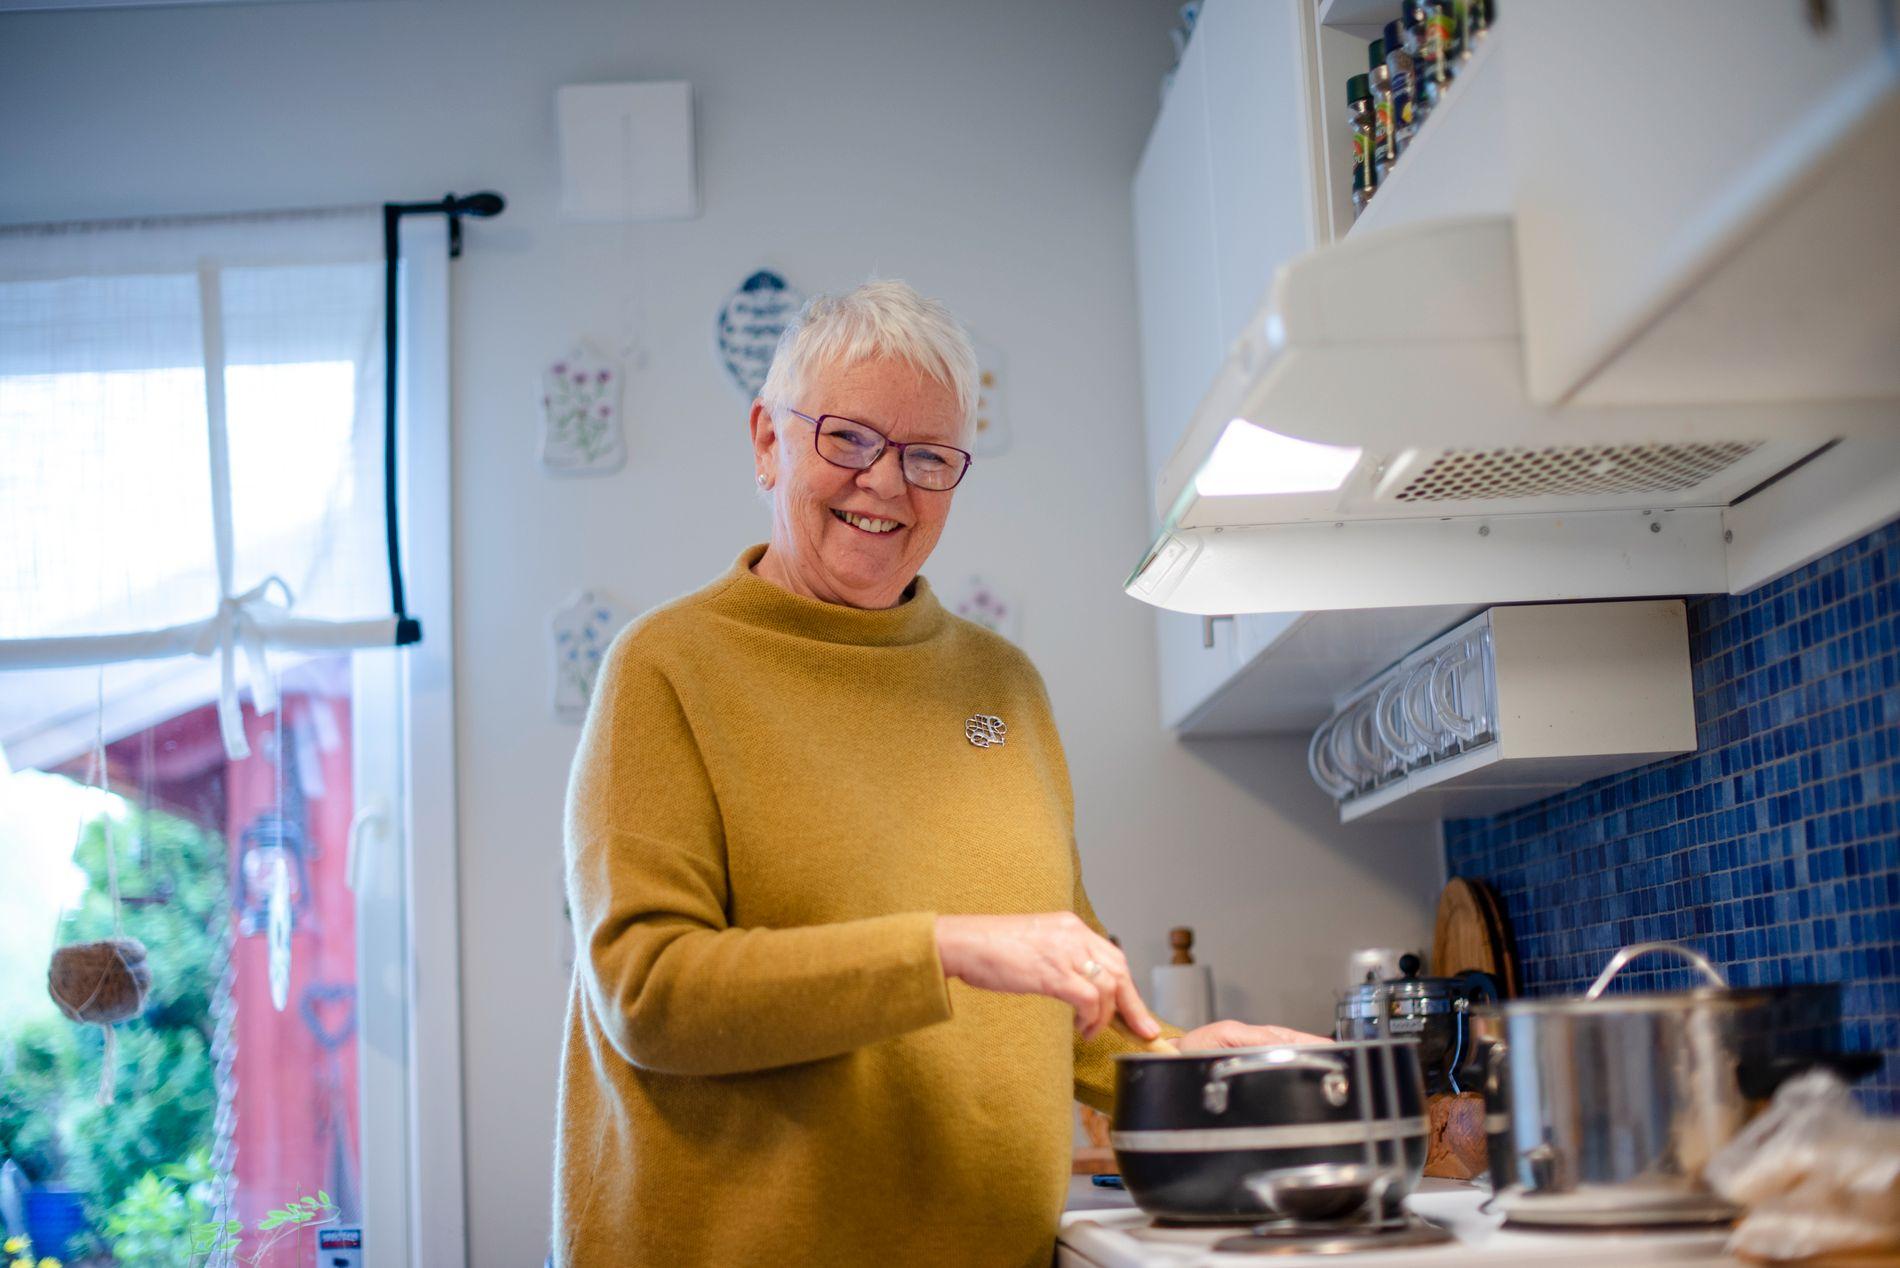 VIL HA INNFLYTELSE: Toril har vært leder av eldrerådet i Drammen kommune (2015-2019) og i Pensjonistforbundets fylkesforening i Buskerud er hun nå nestleder.